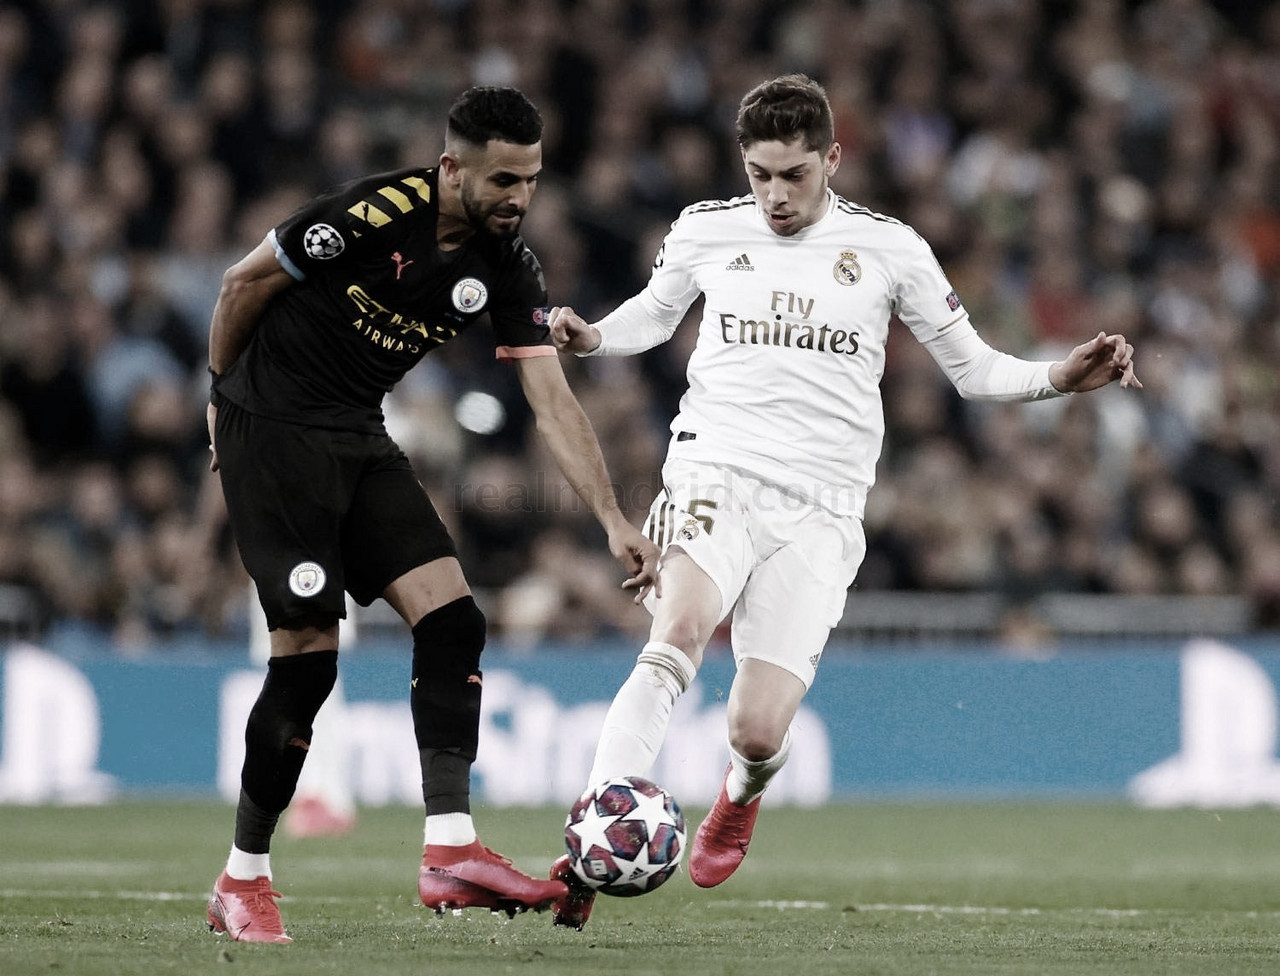 Luz verde a la disputa del Manchester City vs. Real Madrid en el Etihad